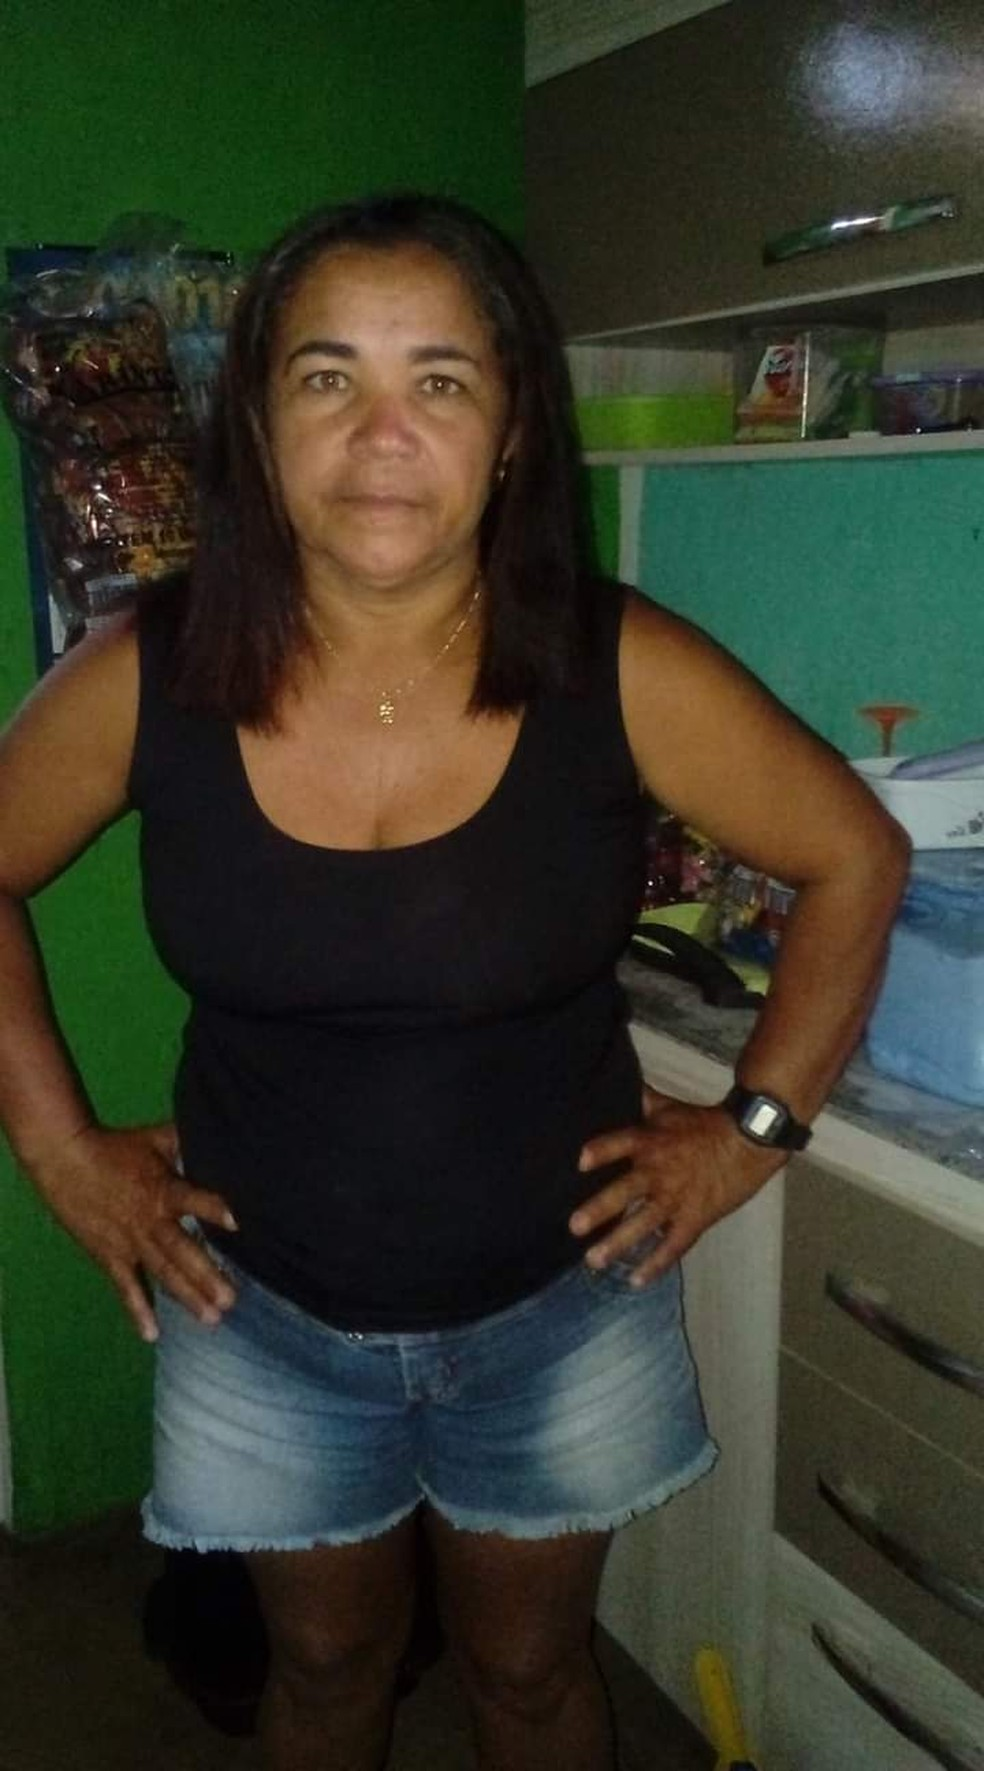 Vera Lúcia de Lima, de 48 anos, uma das vítimas da chacina em Passa e Fica neste sábado (25). — Foto: Redes sociais